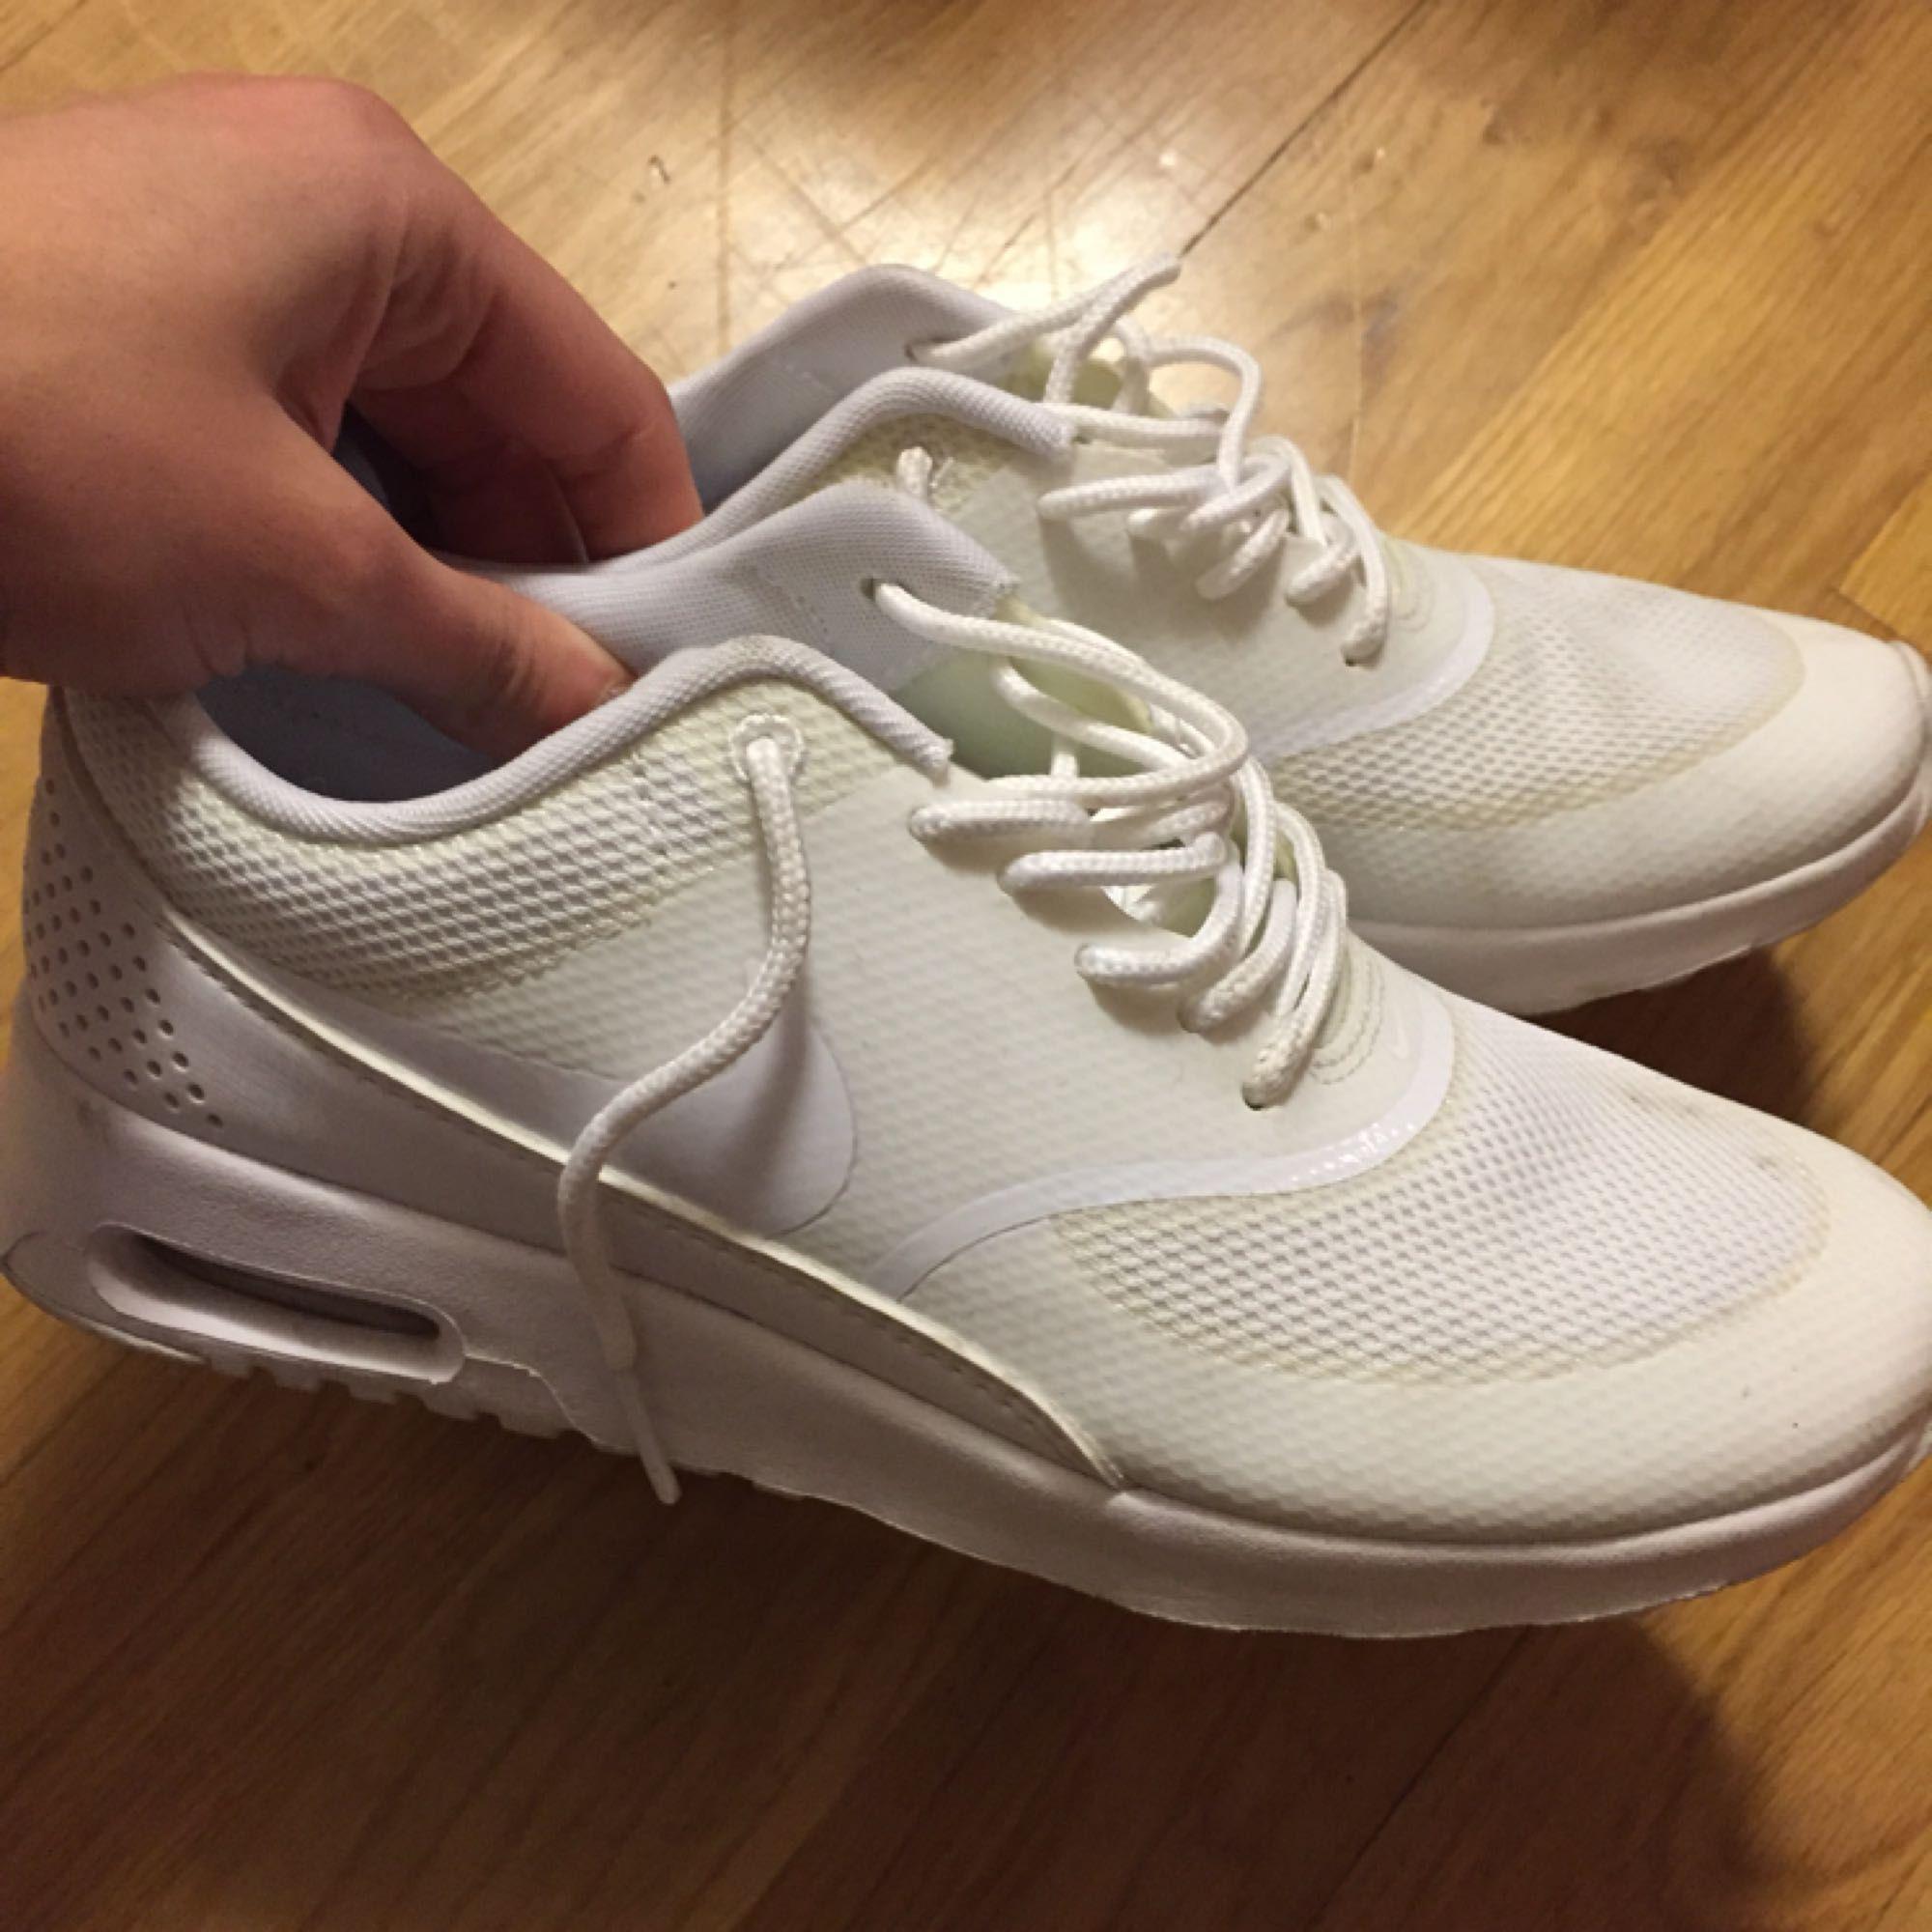 finest selection 5eb9d fad94 Vita nike skor, storlek 37,5. Bra skick, säljs för 300kr.